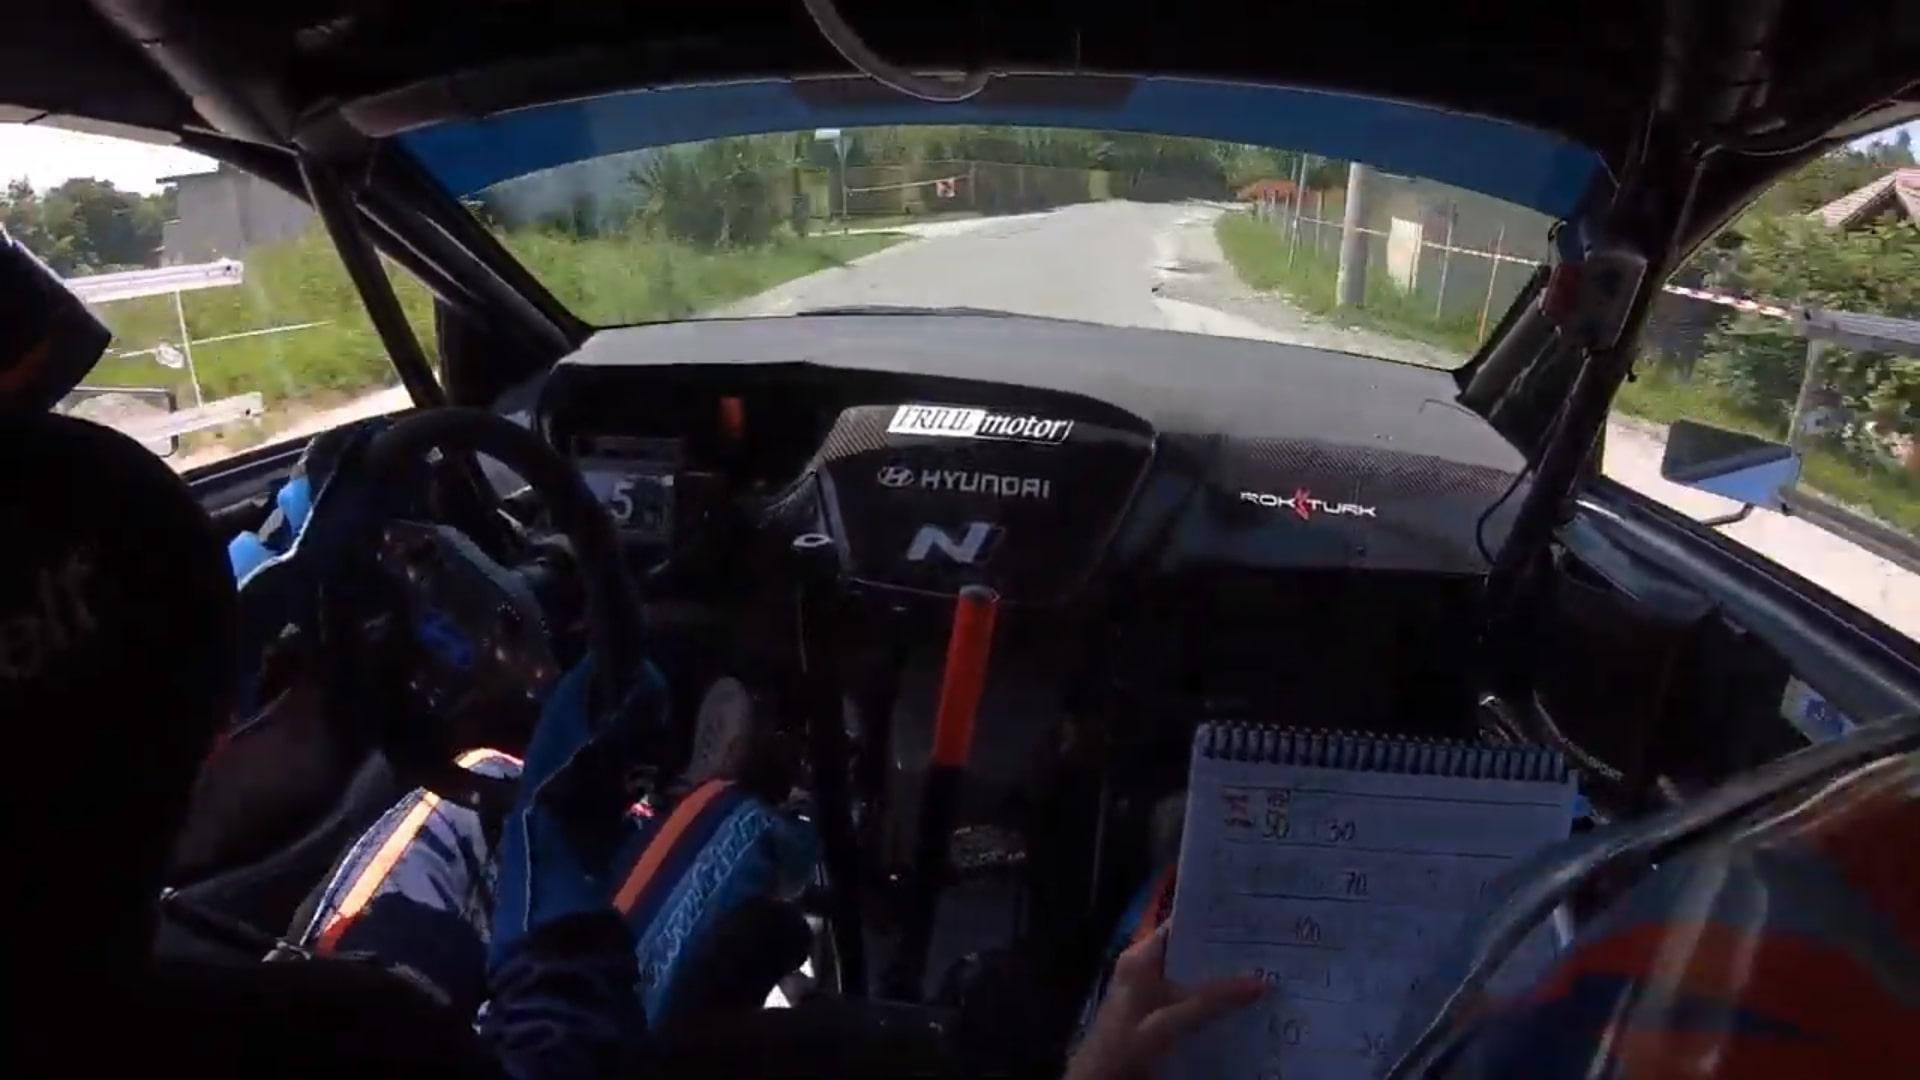 Rally-rijder Rok Turk ontwijkt op het nippertje een naderende auto